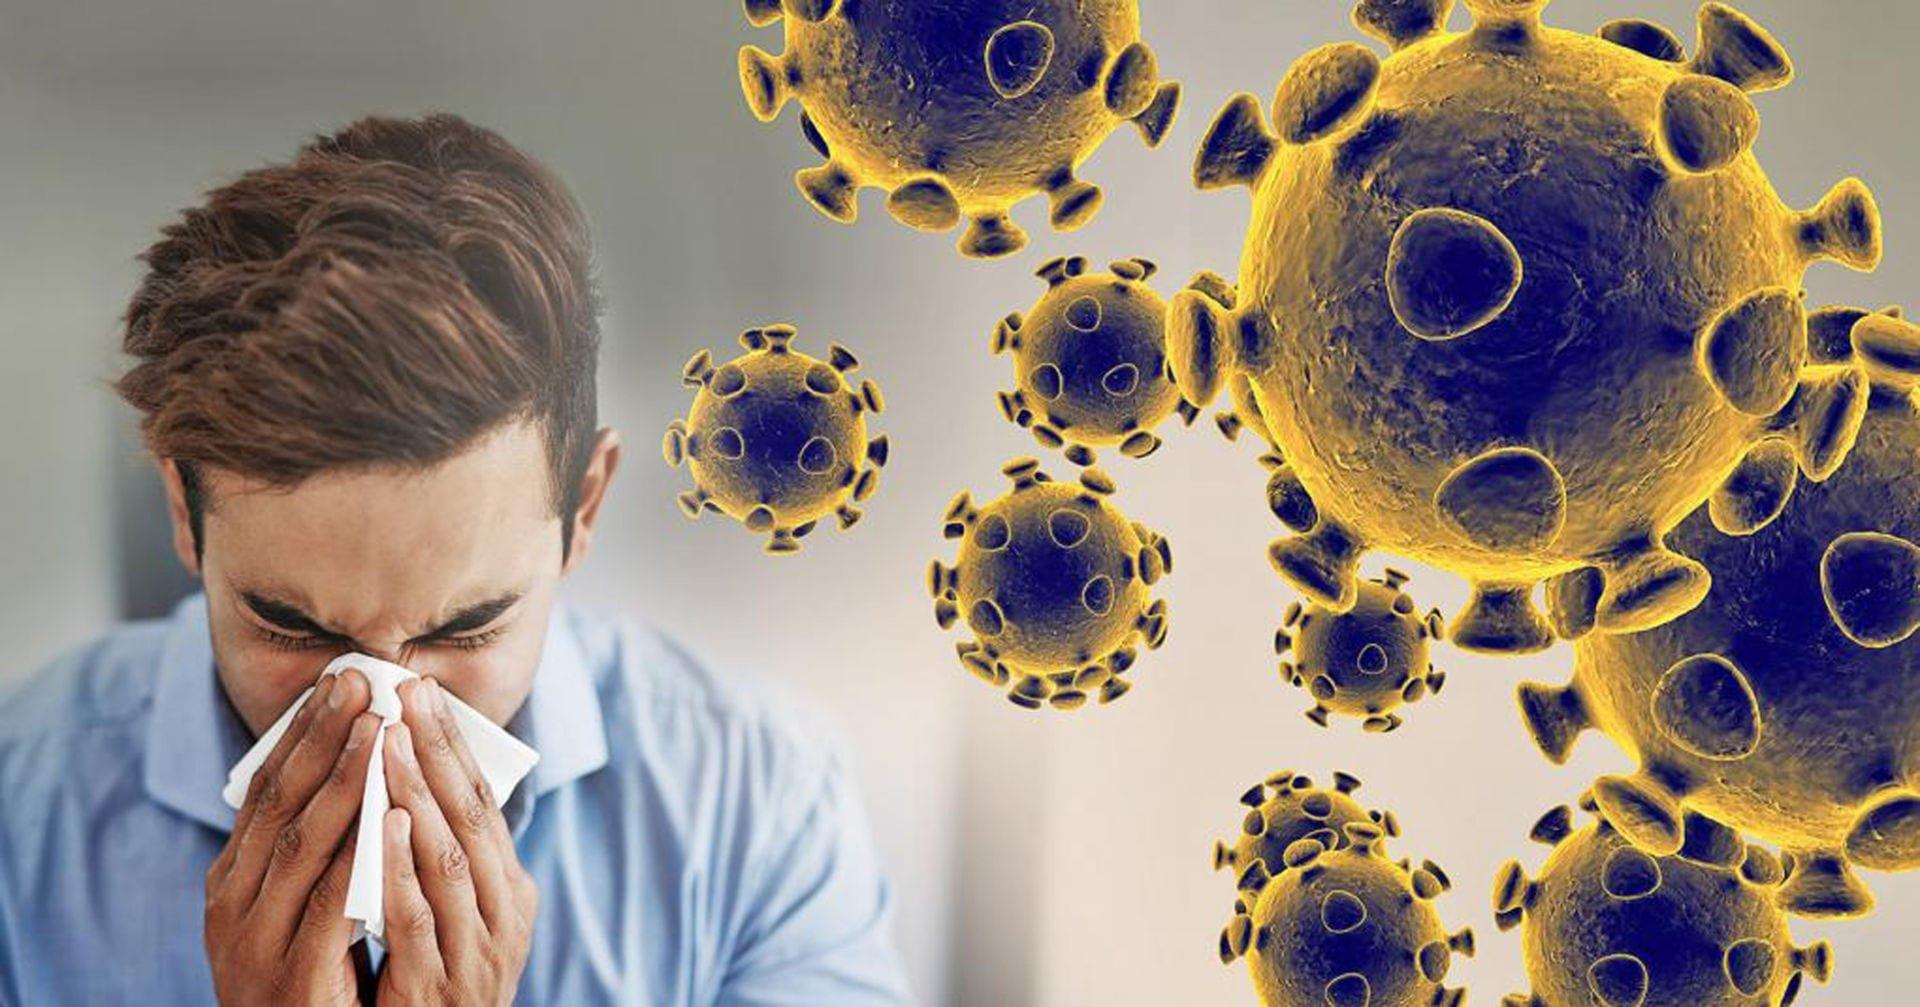 Giải pháp tăng sức đề kháng chống dịch bệnh Corona